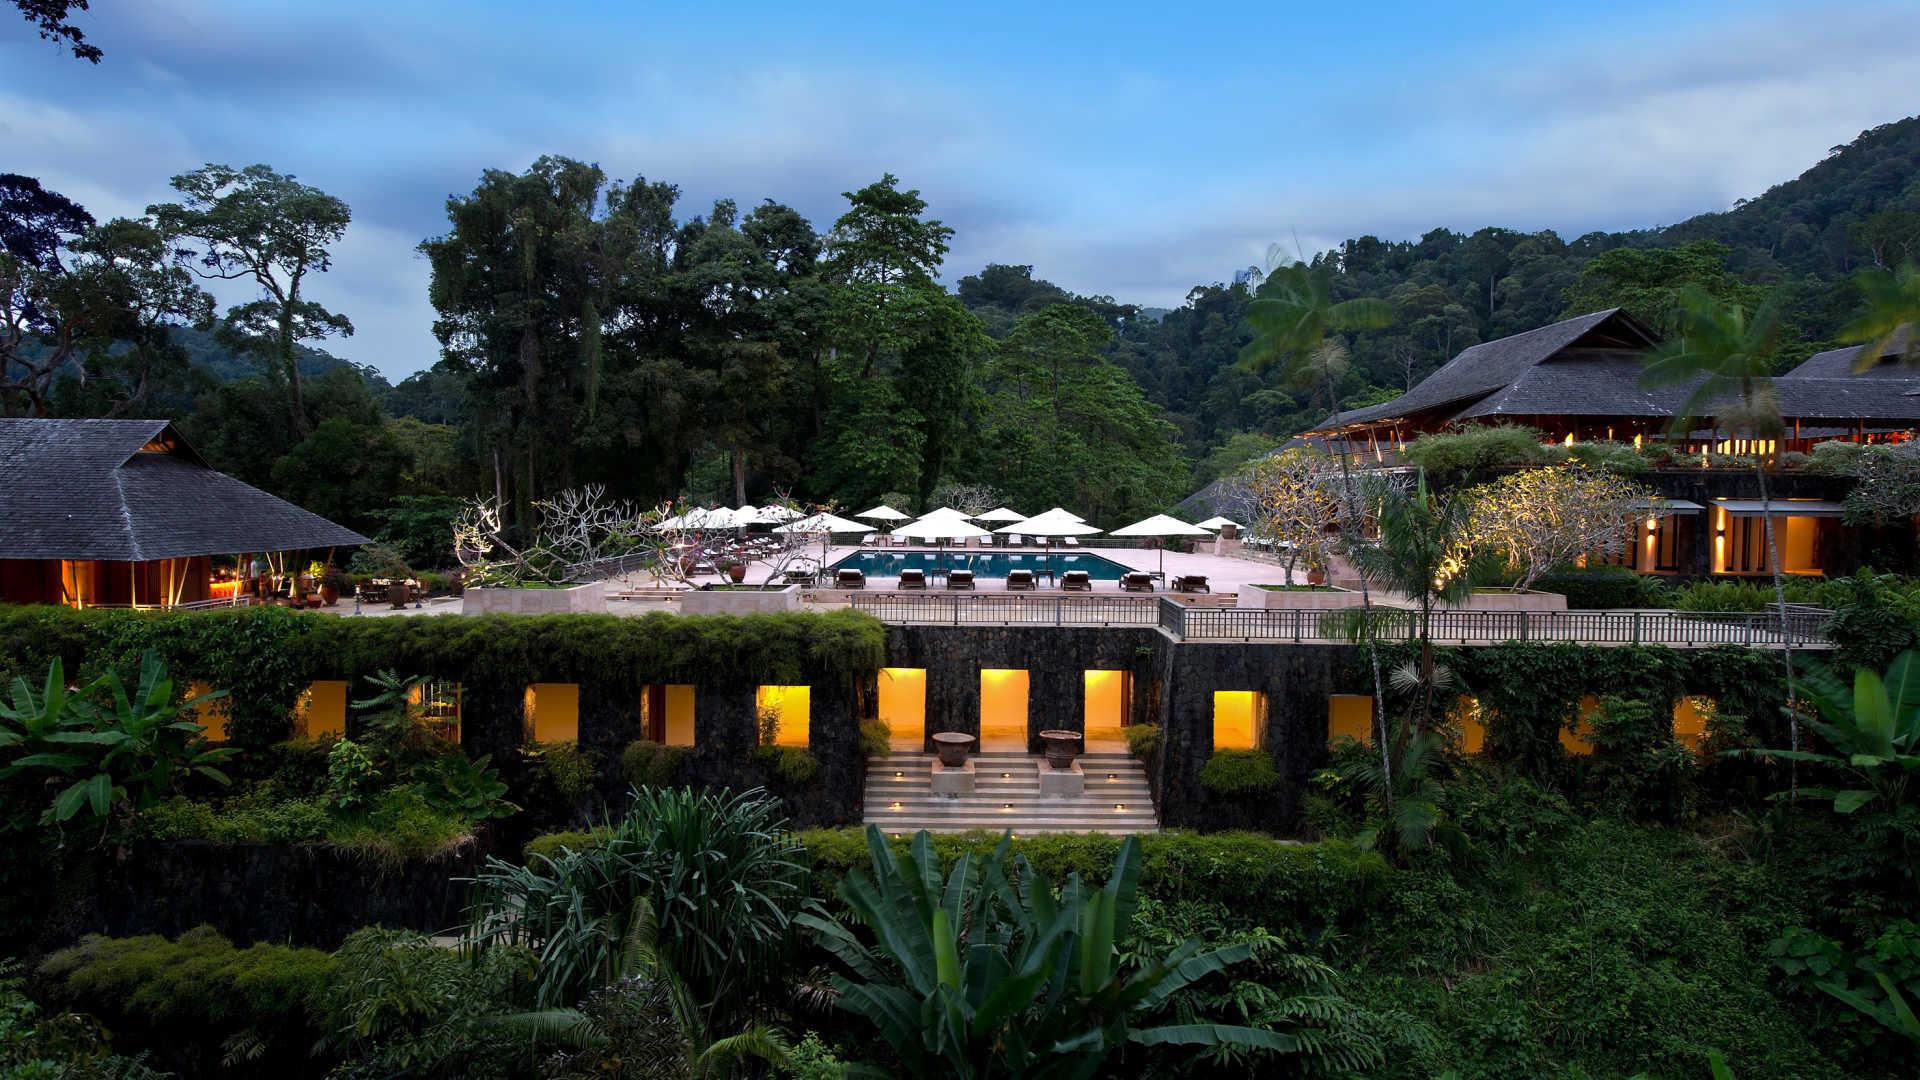 """The Datai ví như """"khu vườn bí mật"""" tách biệt hẳn với sự xô bồ của thành thị do nằm giữa rừng mưa nhiệt đới và bãi biển Andaman."""